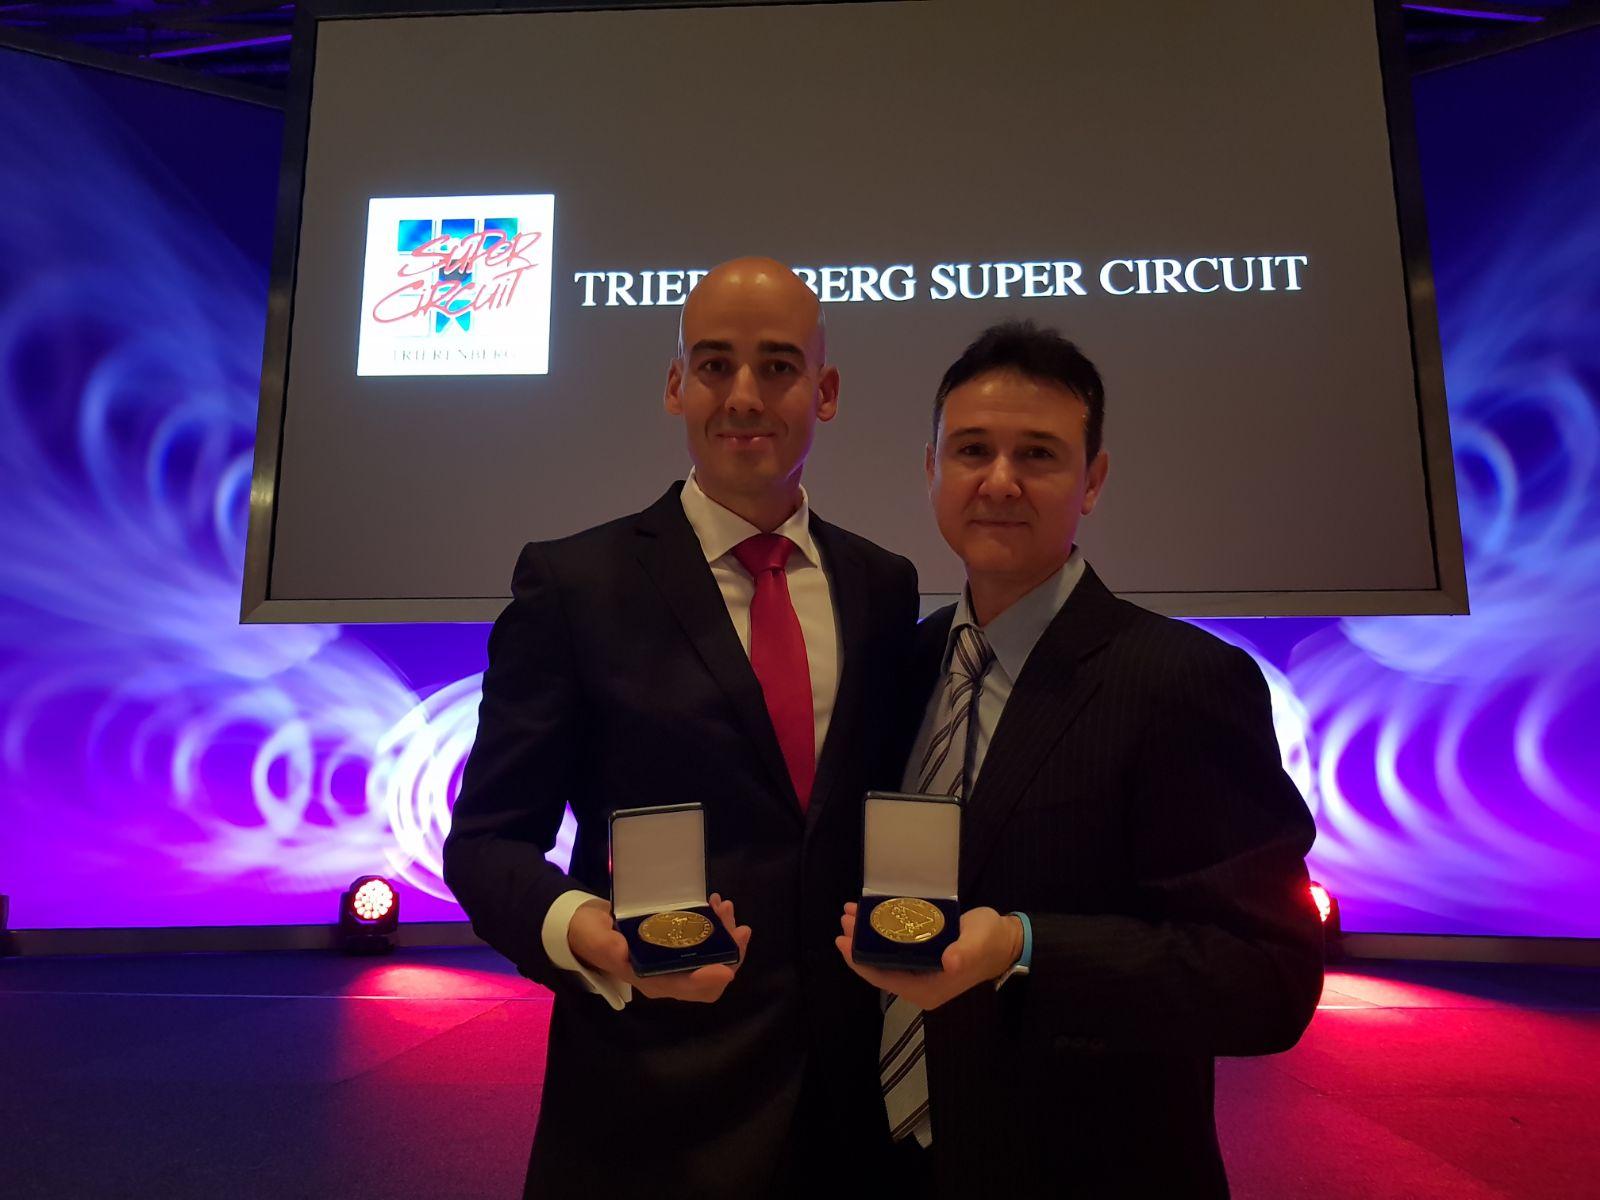 Iván Ferrero y Jesús María García, premiados en los Trierenberg Super Circuit